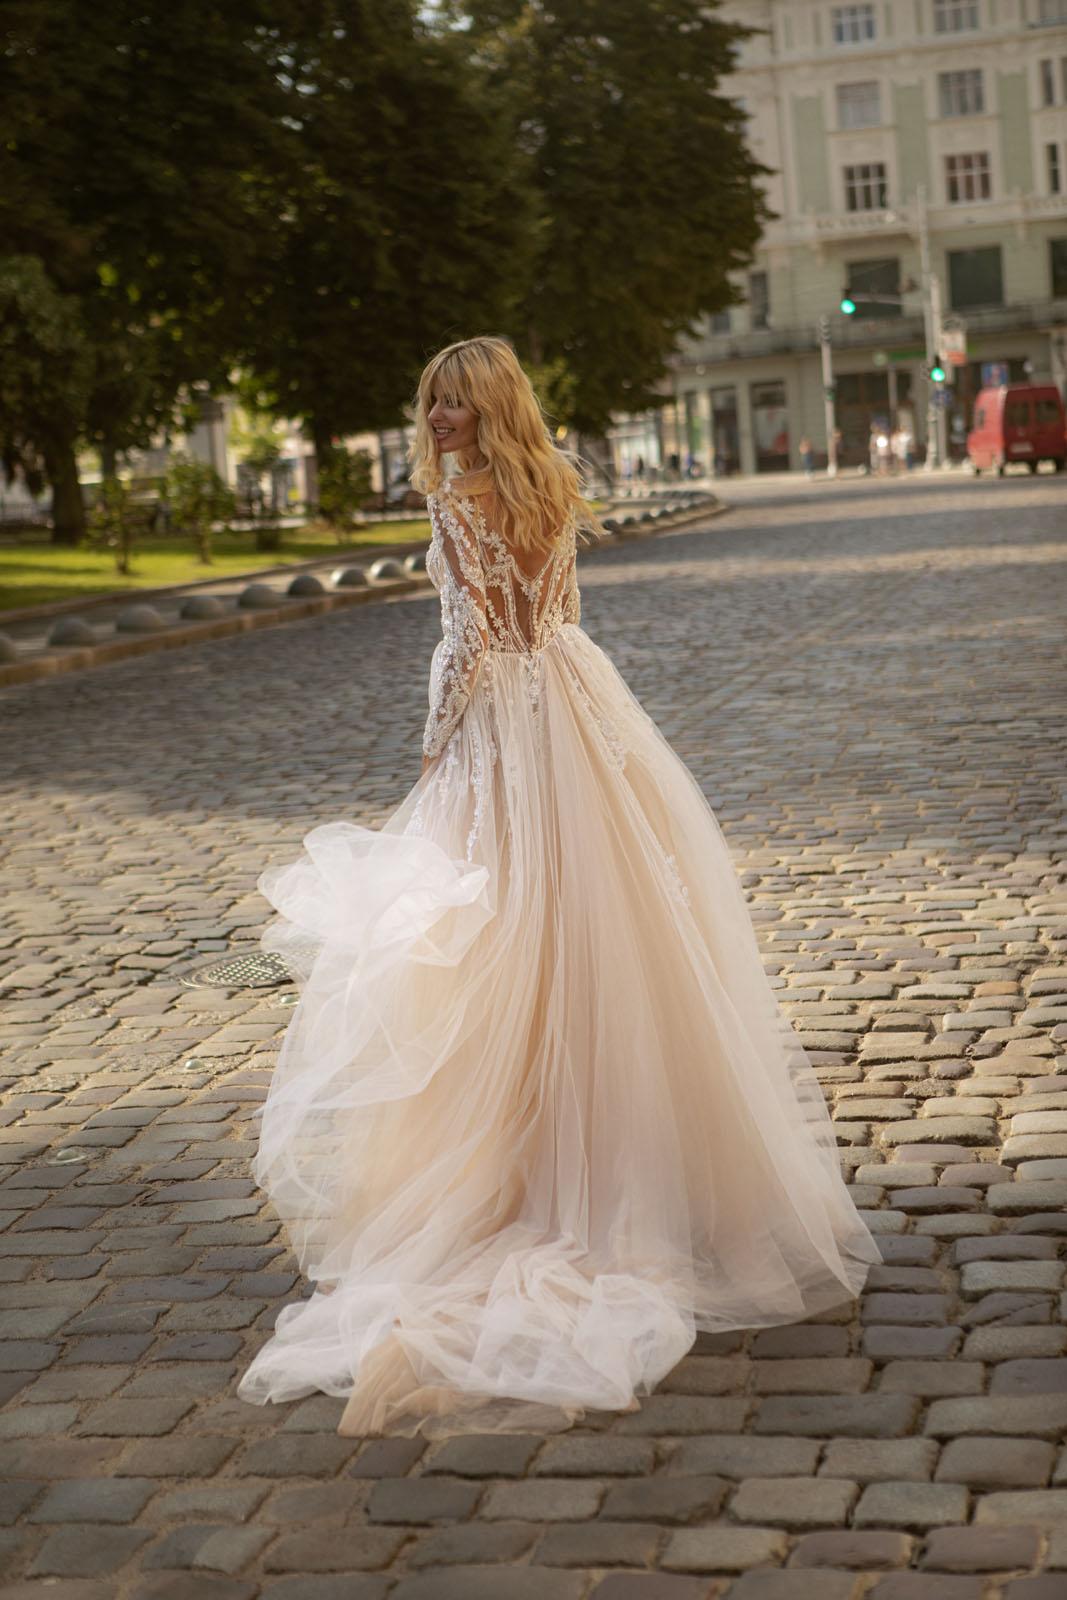 TRASY-Oksana Mukha - Kolekcja 2021